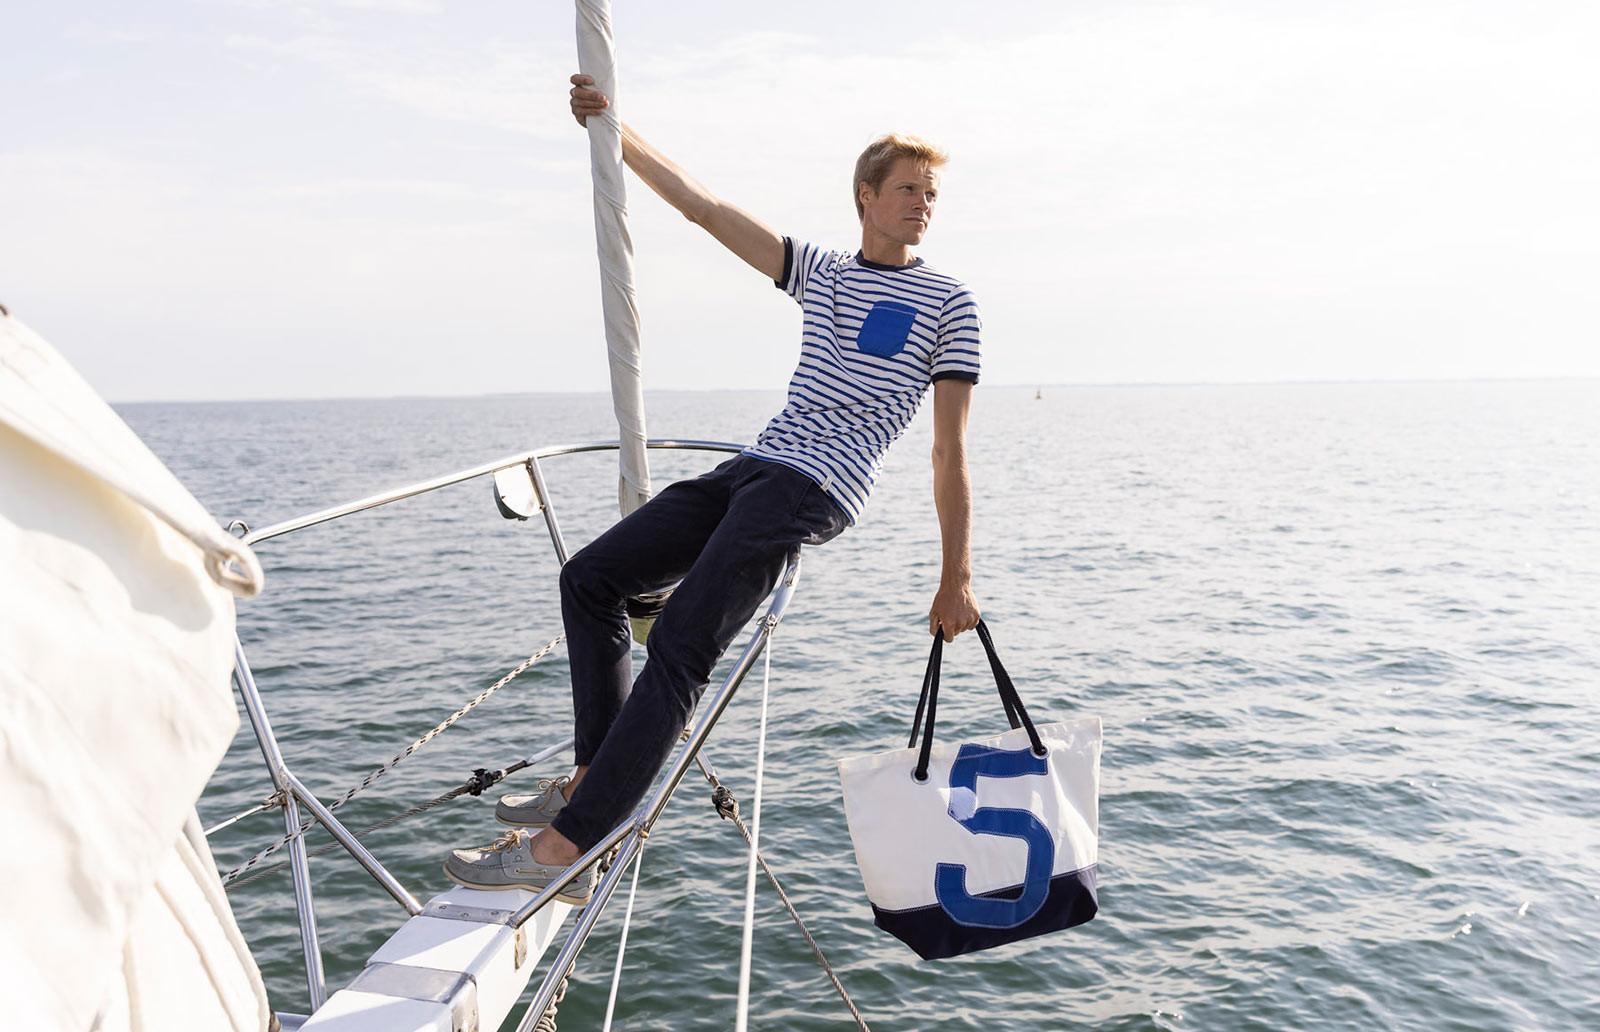 Sac Carla : sac de voyage pour femme en toile de bateau | 727 Sailbags